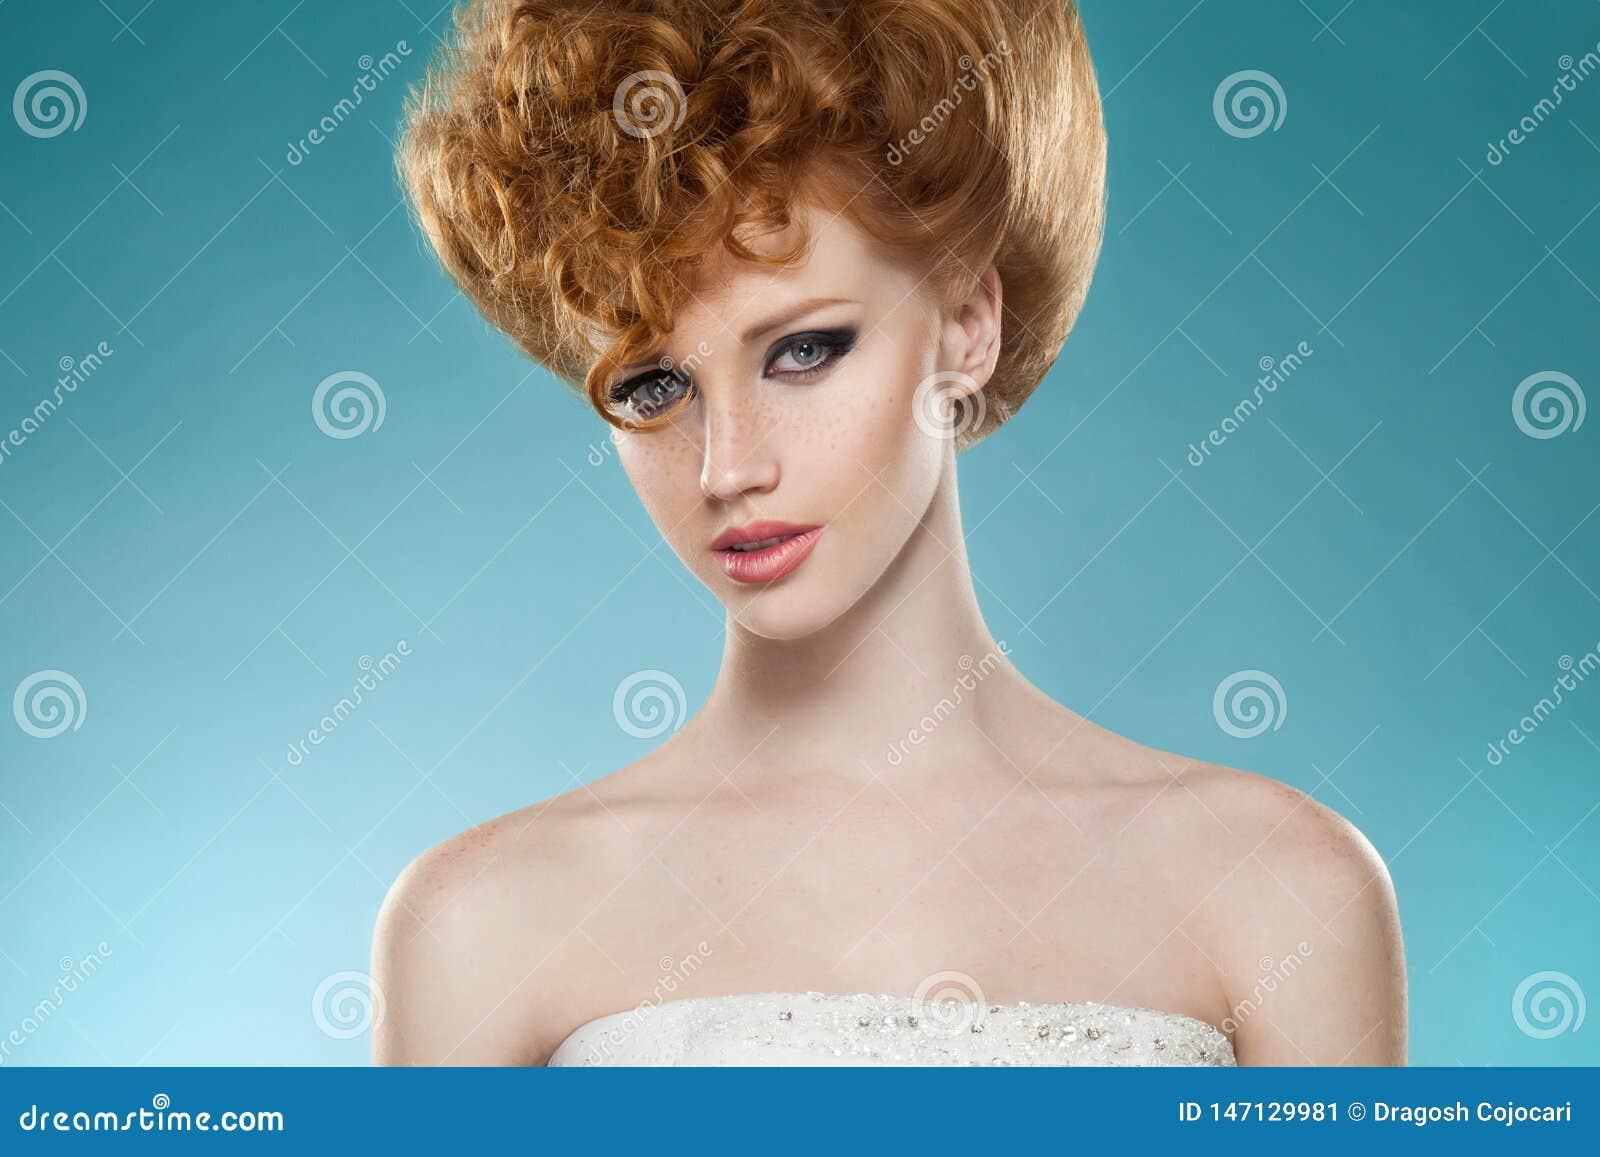 Ritratto di bellezza di una ragazza hairred rossa con hairdressed e macchiolina, con le spalle nude, isolate su un fondo blu